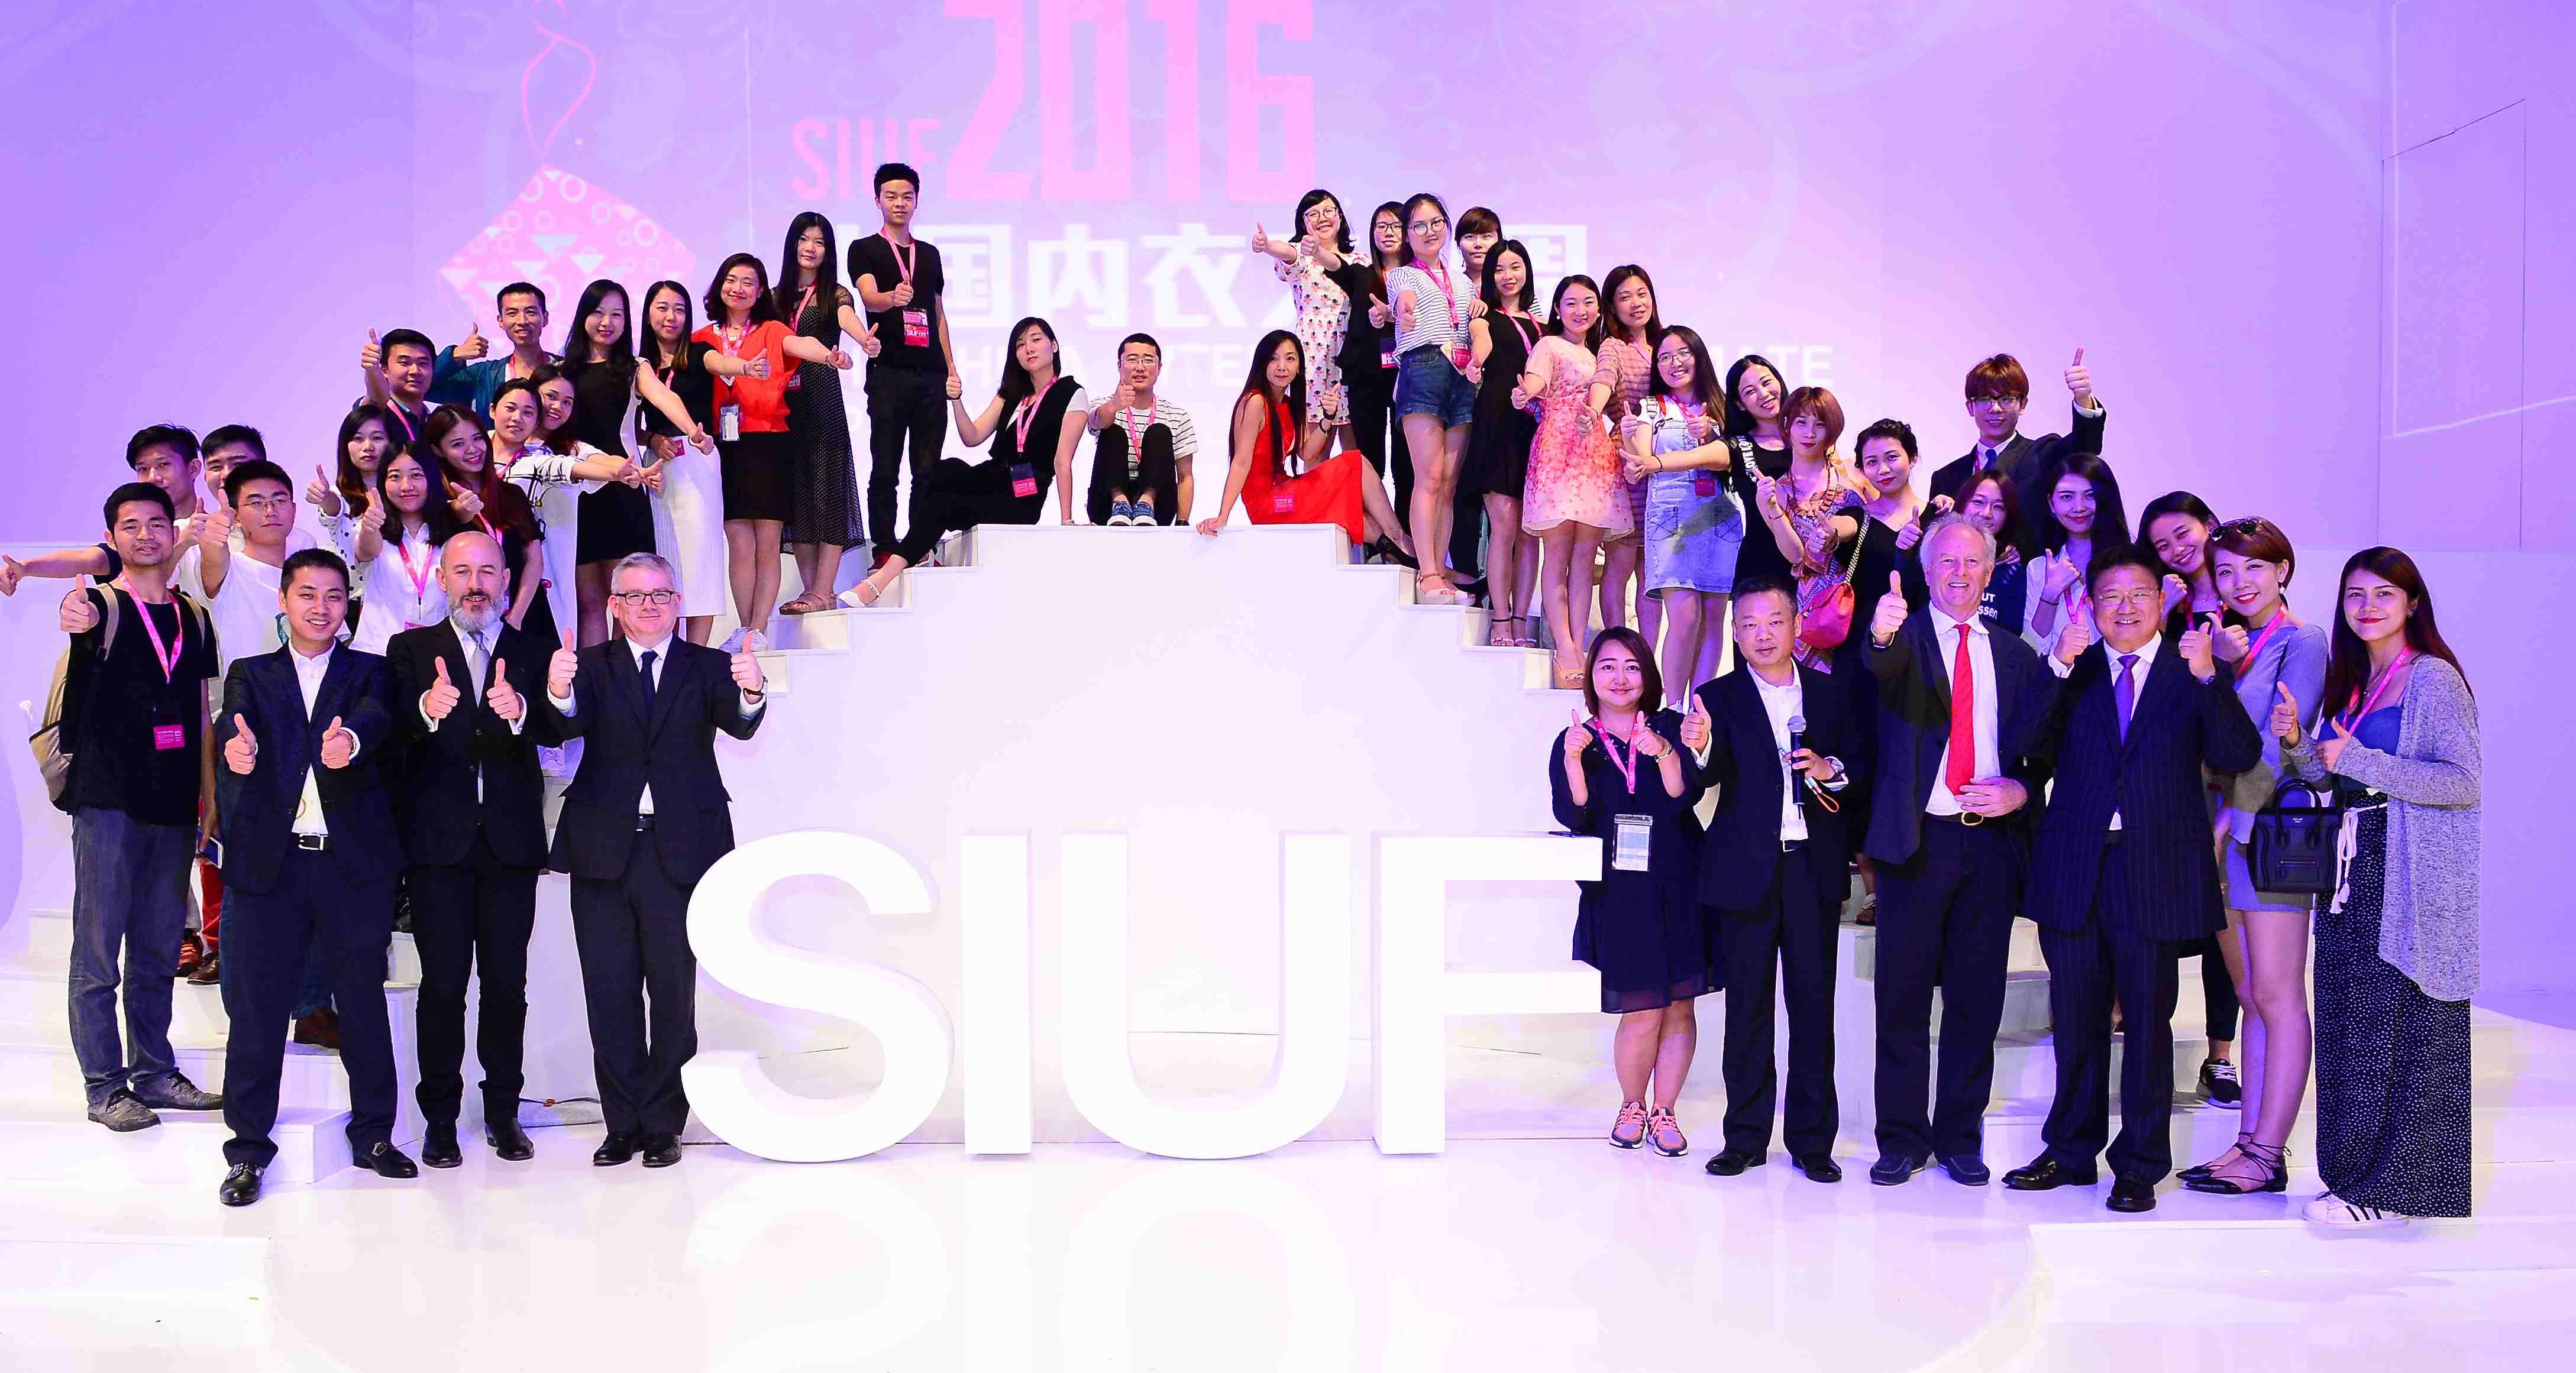 全球最大規模內衣產業展會——SIUF中國(深圳)國際品牌內衣展工作人員合影。